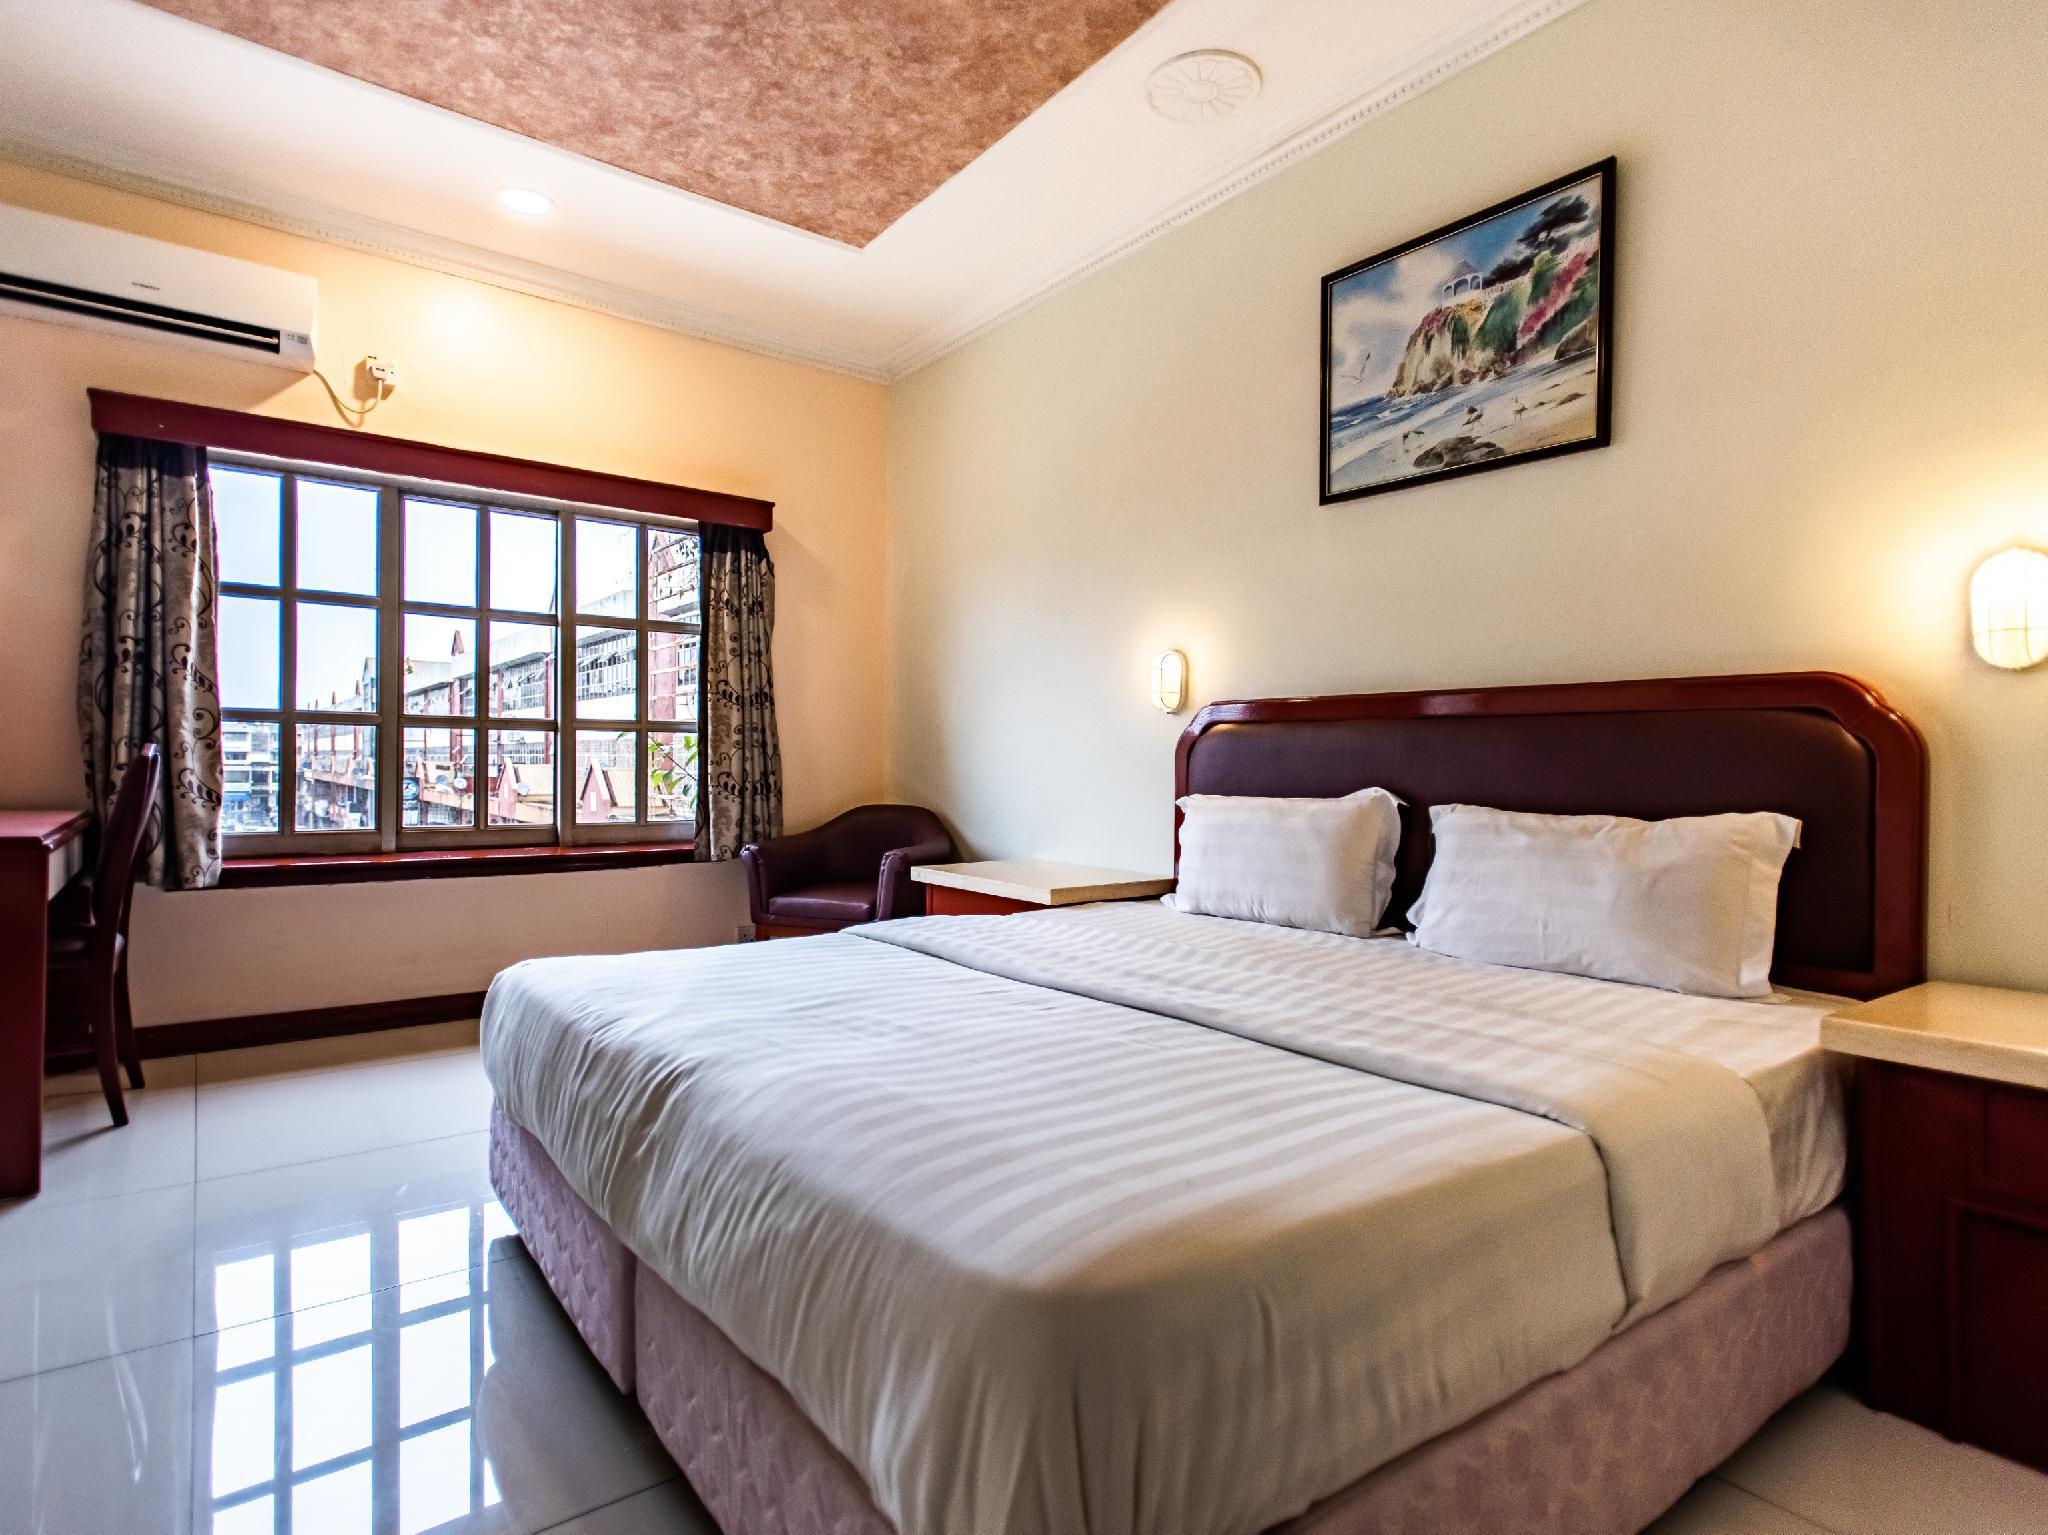 OYO 89735 The Dream Hotel